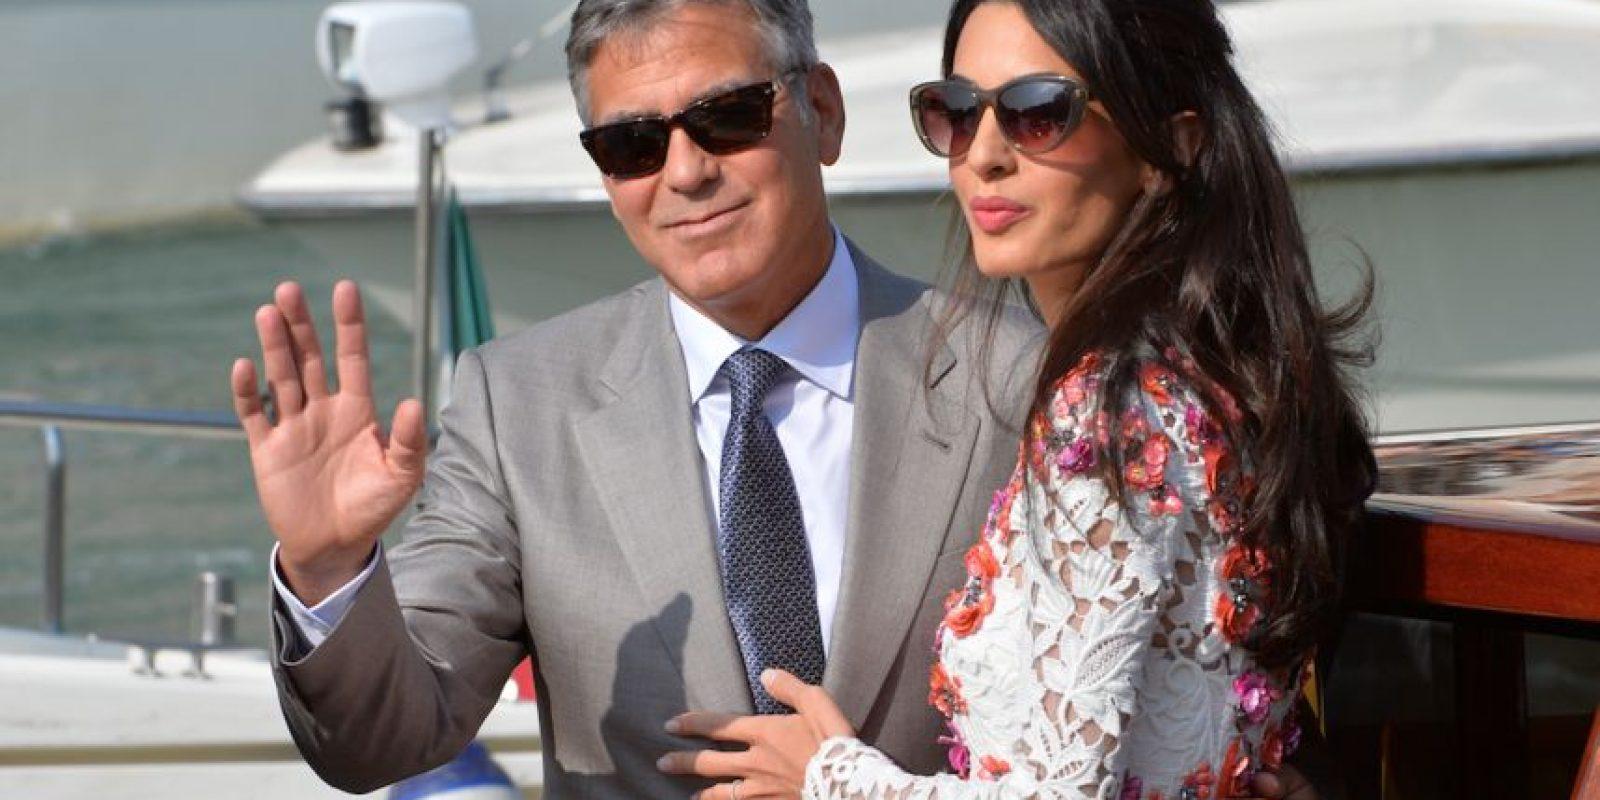 Femenina, natural y, sobre todo, sutil. Estos son los factores que componen el estilo de la esposa de George Clooney, que también se ha ganado un lugar en el spot de la moda de las famosas por impactar con looks completamente accesibles. Foto:AFP